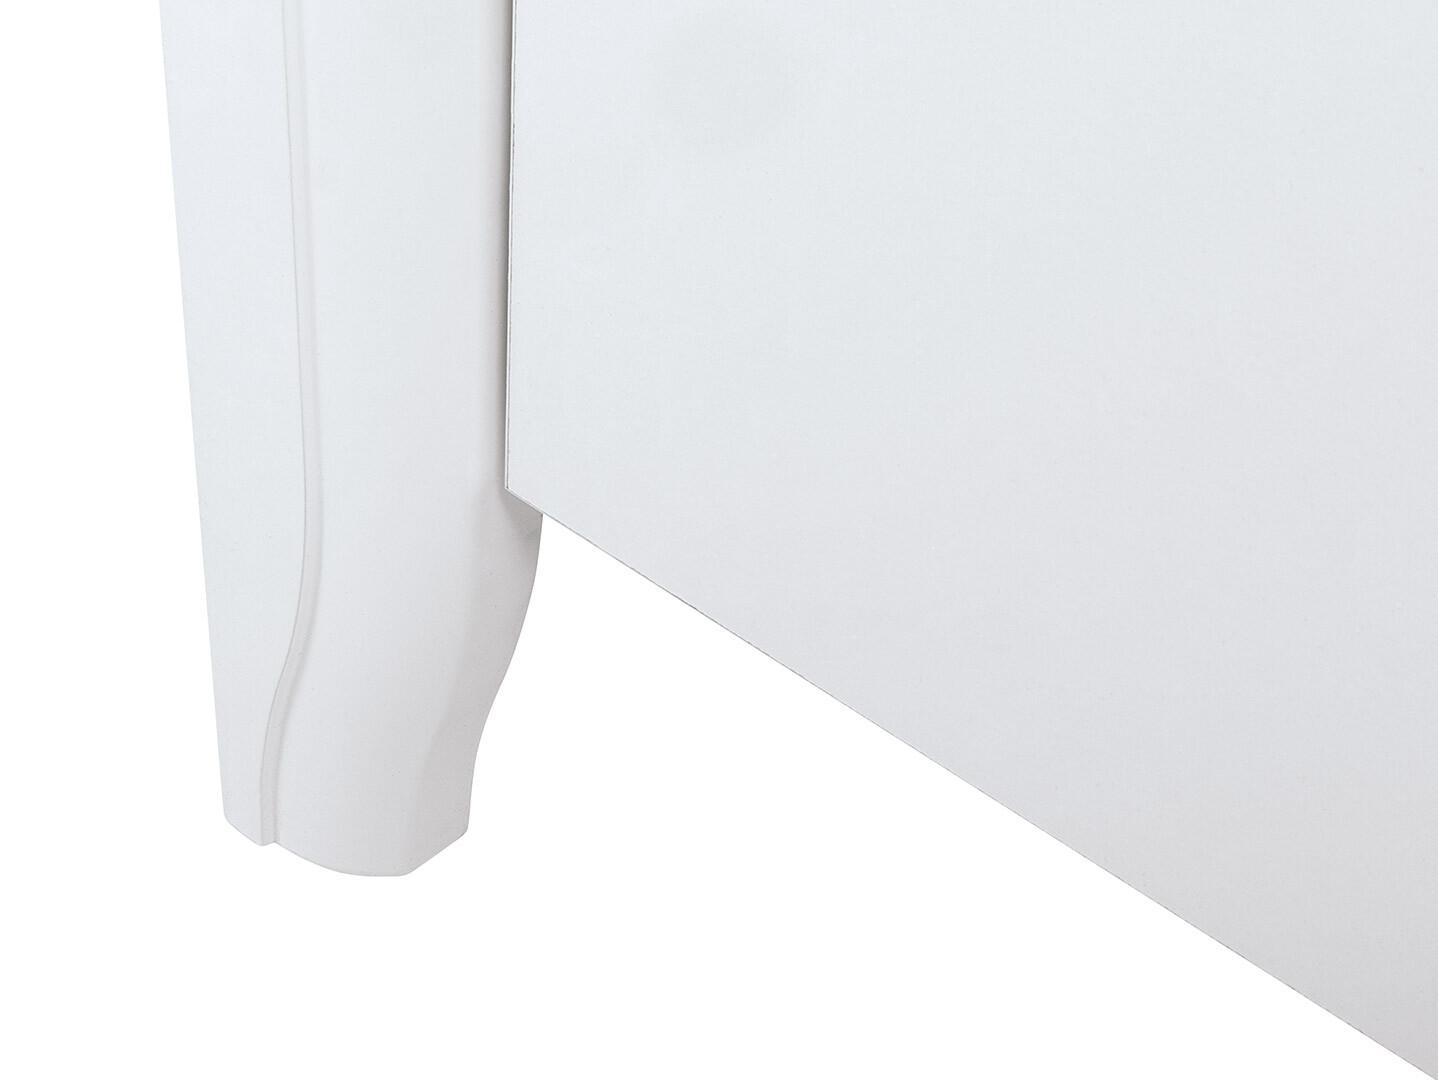 Vitrína KALIO REG2D2W1S biely lesk/ akácia zlatá/ biely lesk